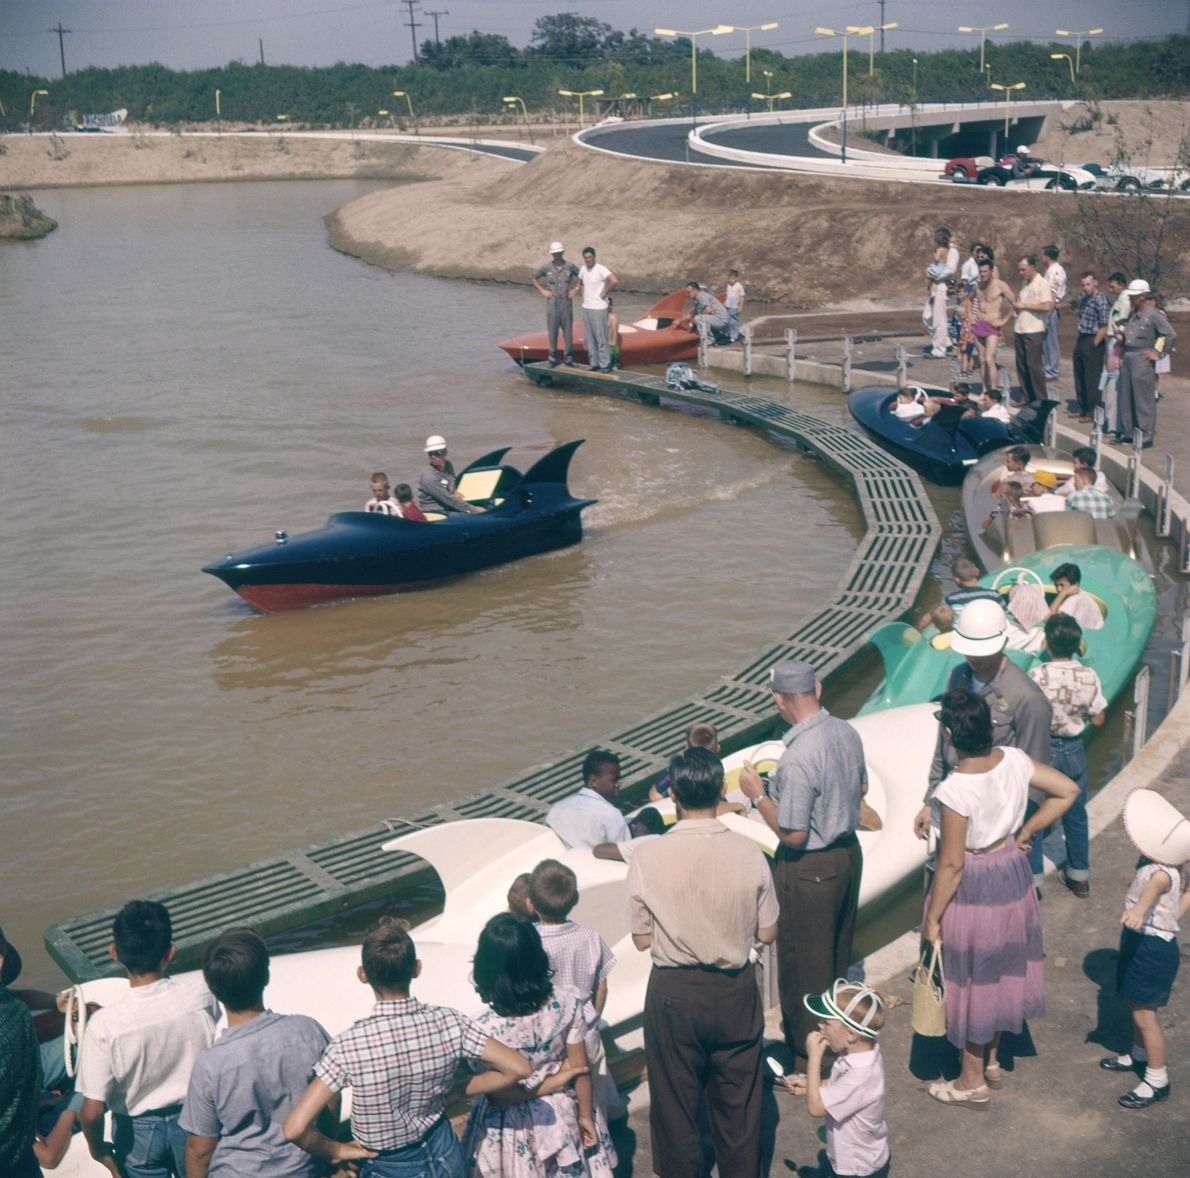 """Die Attraktion """"Tomorrowland's Boats"""" eröffnete im Juli 1955 und war die erste Dauerattraktion, die wieder geschlossen ..."""